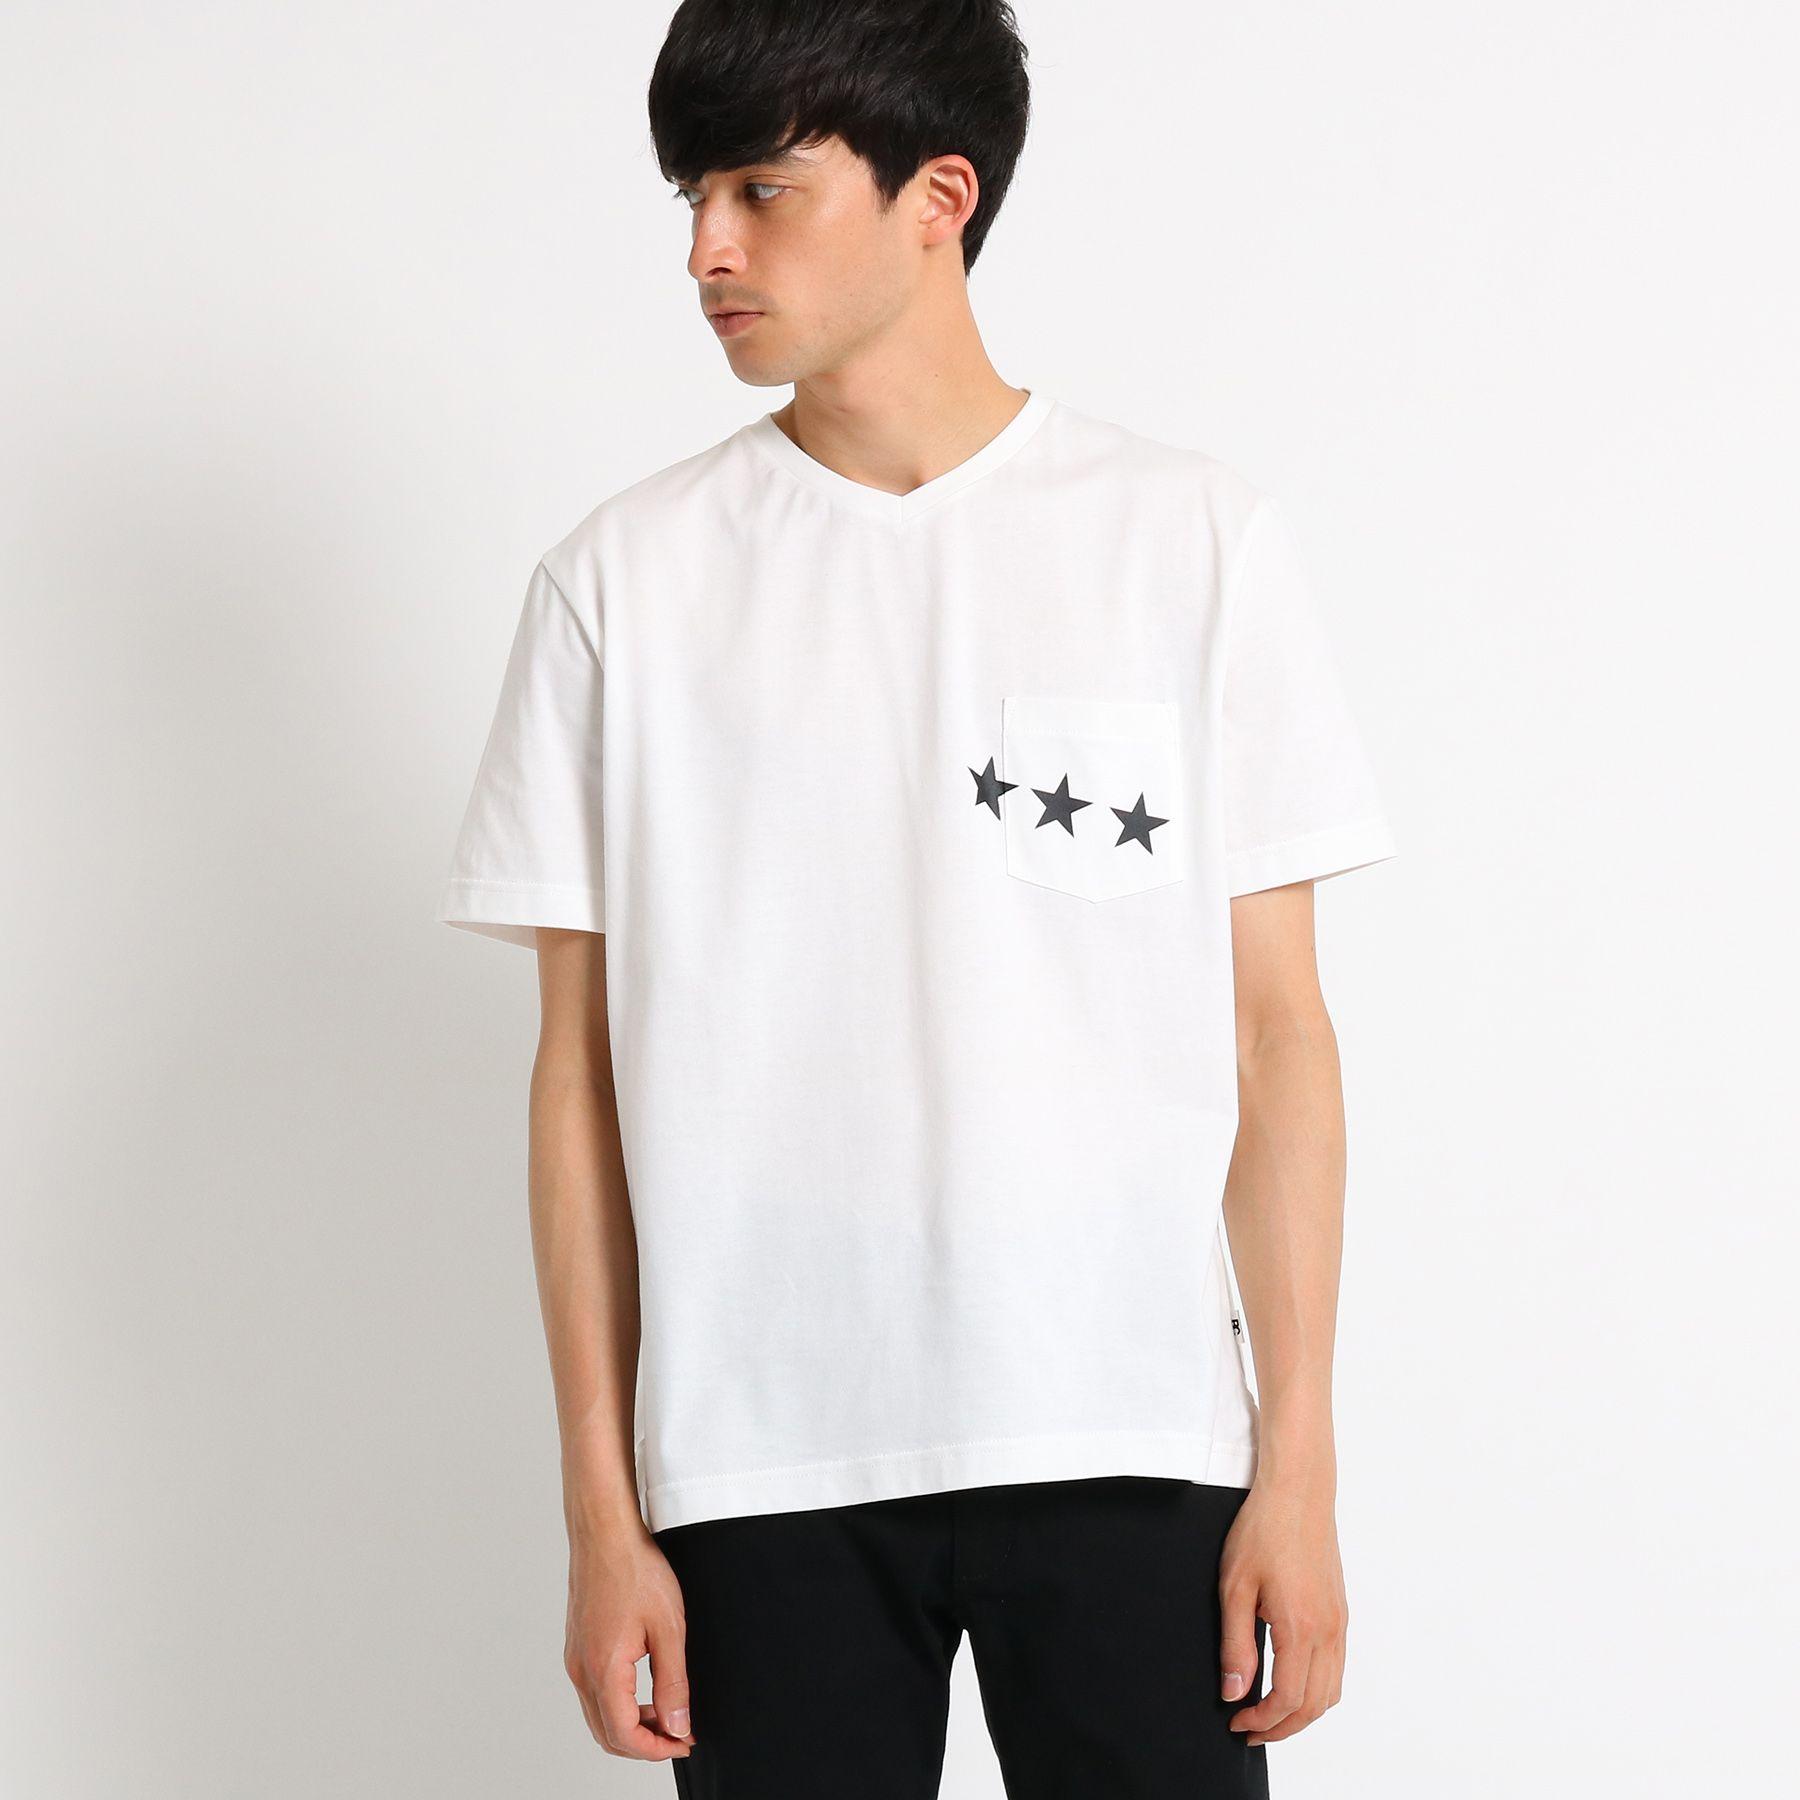 【吸水速乾】 Tシャツ メンズ スターライン VネックTシャツ